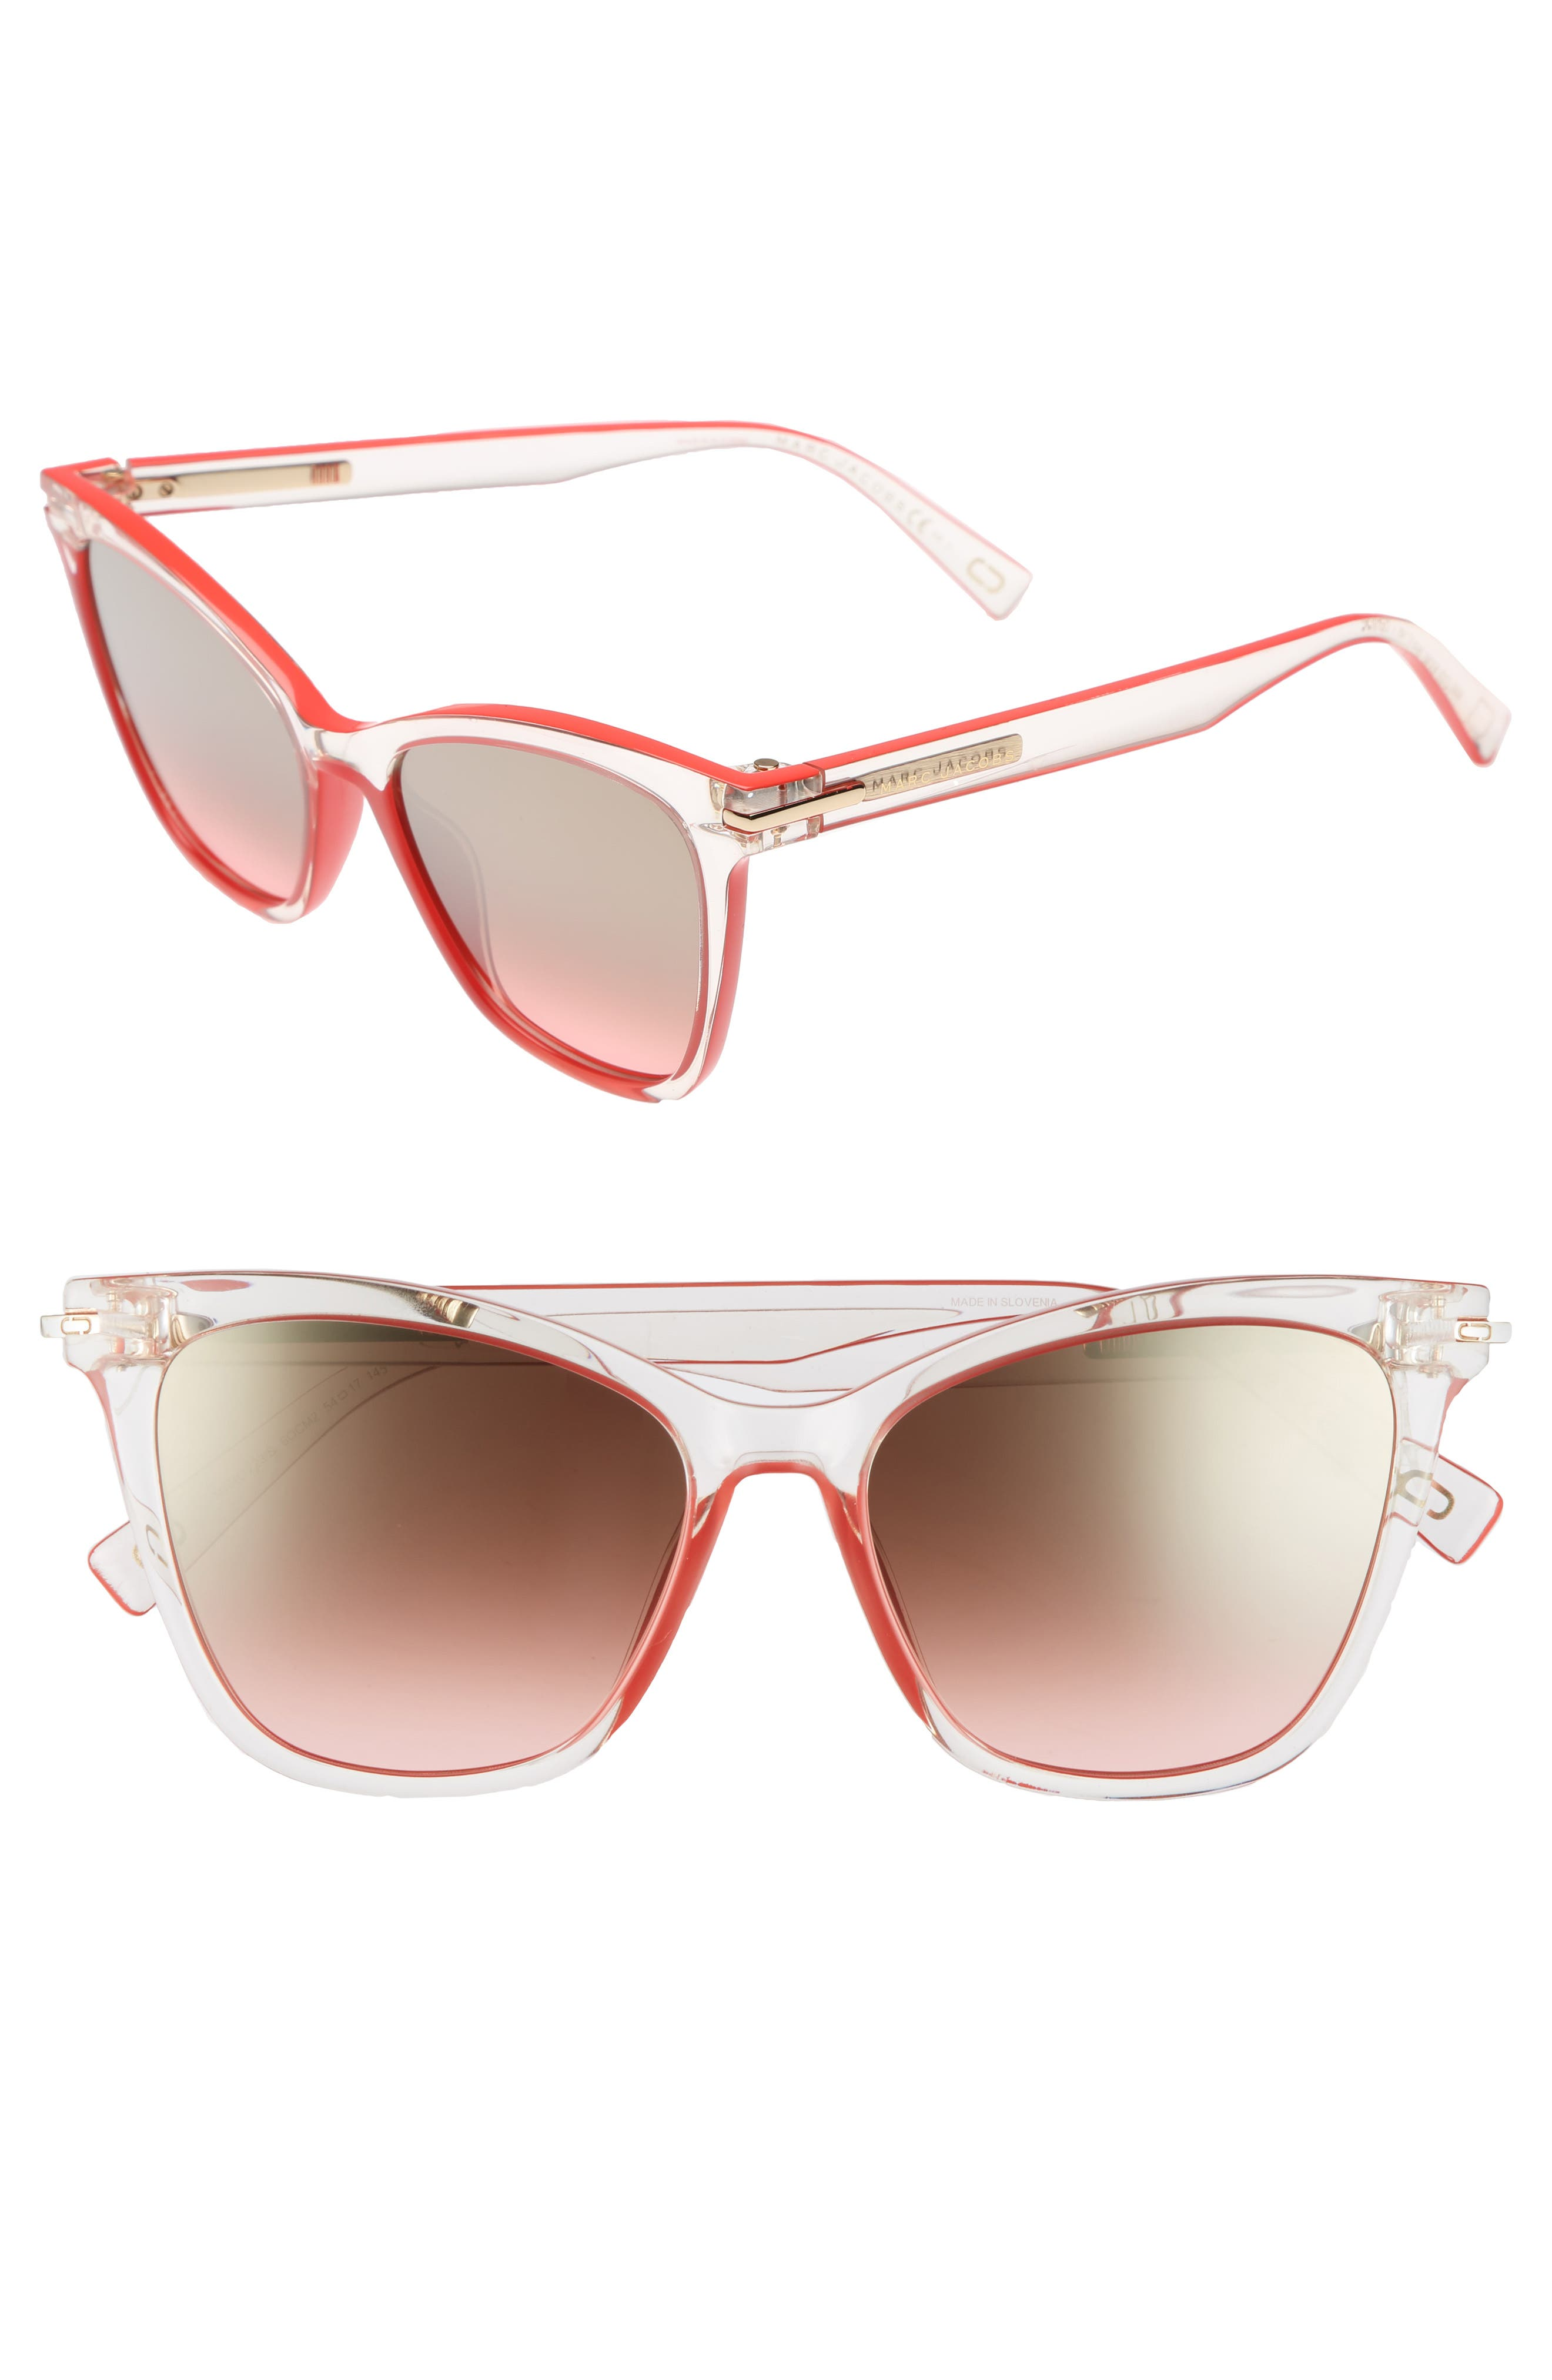 MARC JACOBS 54mm Gradient Lens Sunglasses